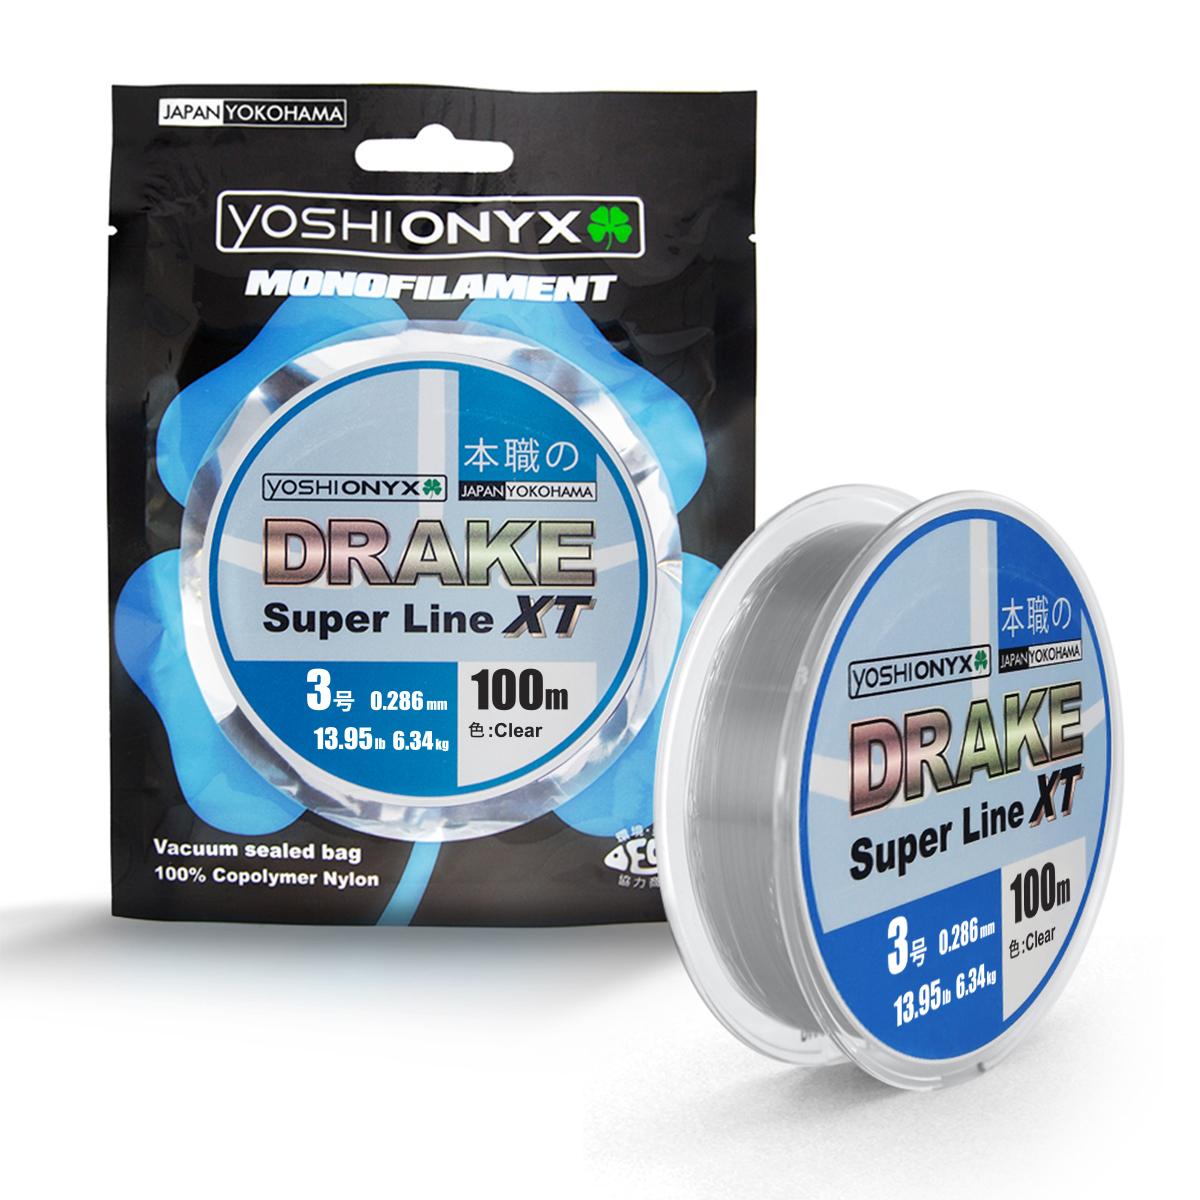 Леска Yoshi Onyx Drake Superline XT, 100 м, 0,286 мм, цвет: Clear89473DRAKE Fluoro от Yoshi Onyx это полноценная флюорокарбоновая леска, предназначена как для намотки на шпулю катушки, так и для монтажа разнообразных оснасток. Трогательно мягкий и удивительно скользкий этот флюр, с невероятной лёгкостью проходя по кольцам, позволяет совершать исключительно дальние и точныеУникальный флюорокарбон, предназначенный для ловли крупной рыбы в сложных условиях. DRAKE Fluoro от Yoshi Onyx идеален для использования на бейткастинговых (мультипликаторных) катушПрозрачный монофил DRAKE Super Line XT от Yoshi Onyx, пожалуй, самый универсальный. Скользкий и мягкий, он невероятно прочен и отлично выдерживает разрывную нагрузку на большинстве узлов. Обладая, непревзойдёнными, водоотталкивающими свойствами, эта леска незаменима, при ловле в условии низких температур.ках, в сочетании с крупными, упористыми приманками. забросы.